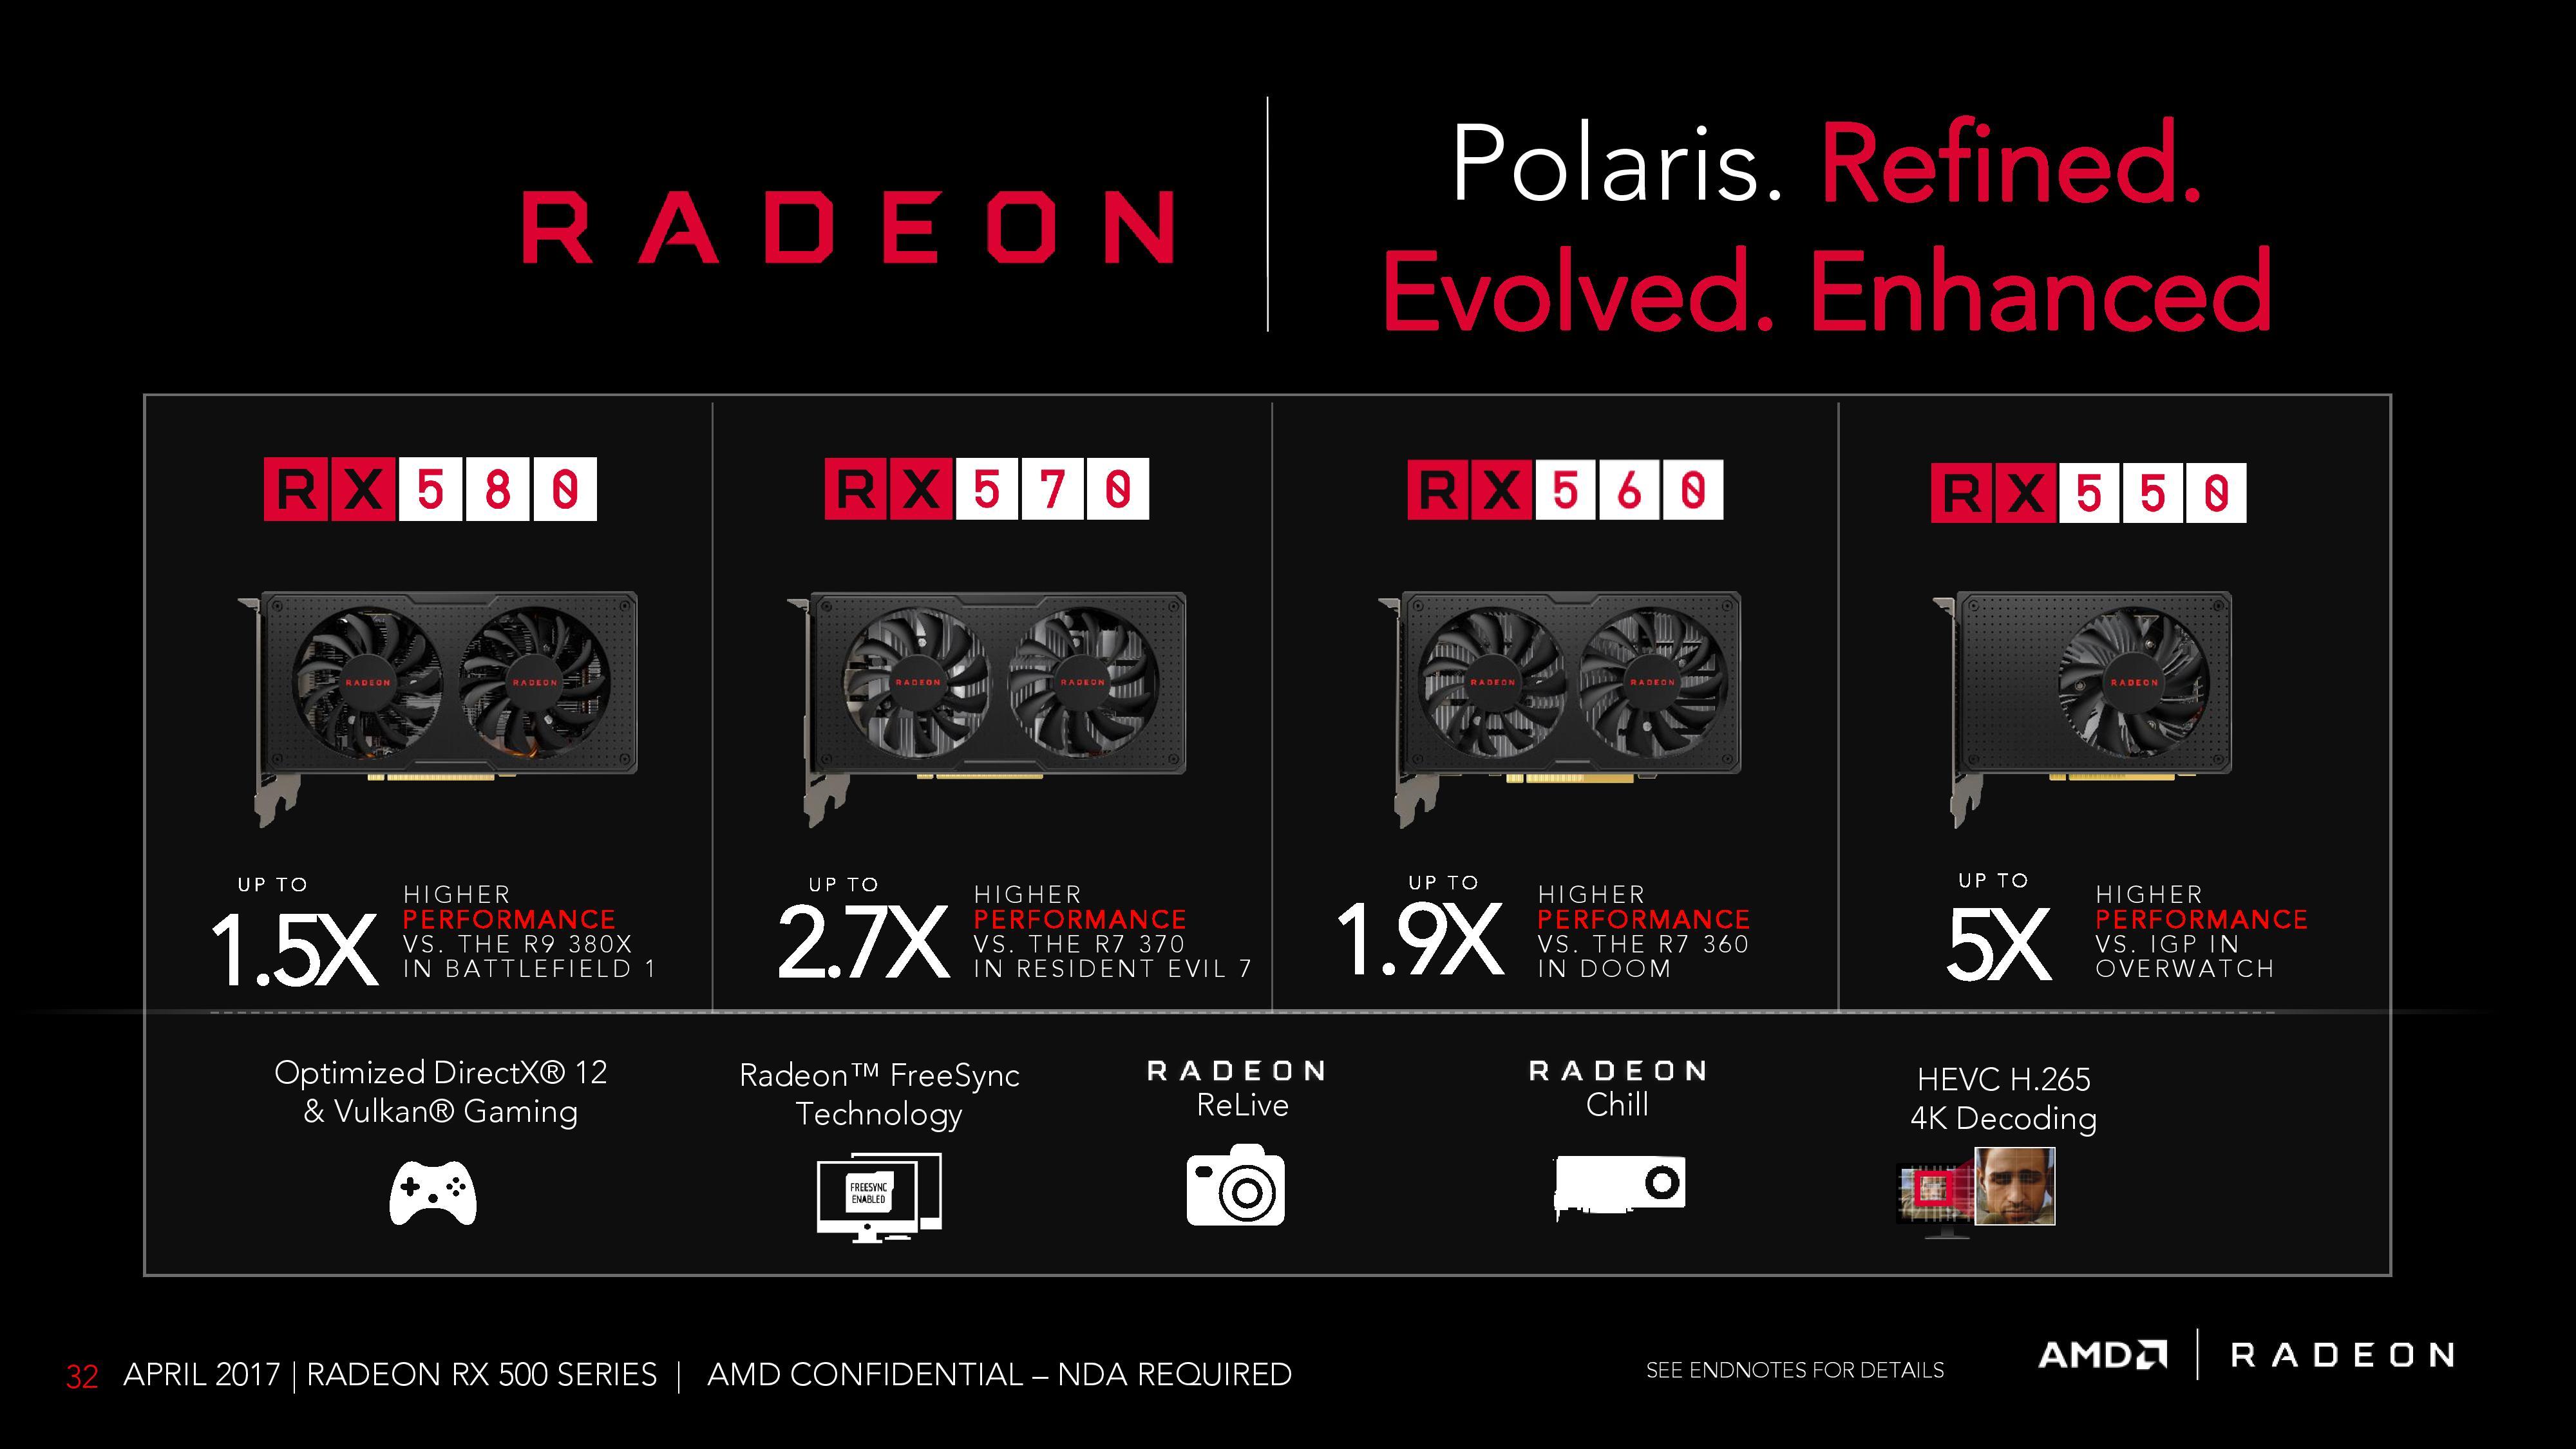 Polaris Evolved - AMD's Tease Before Vega Next Month